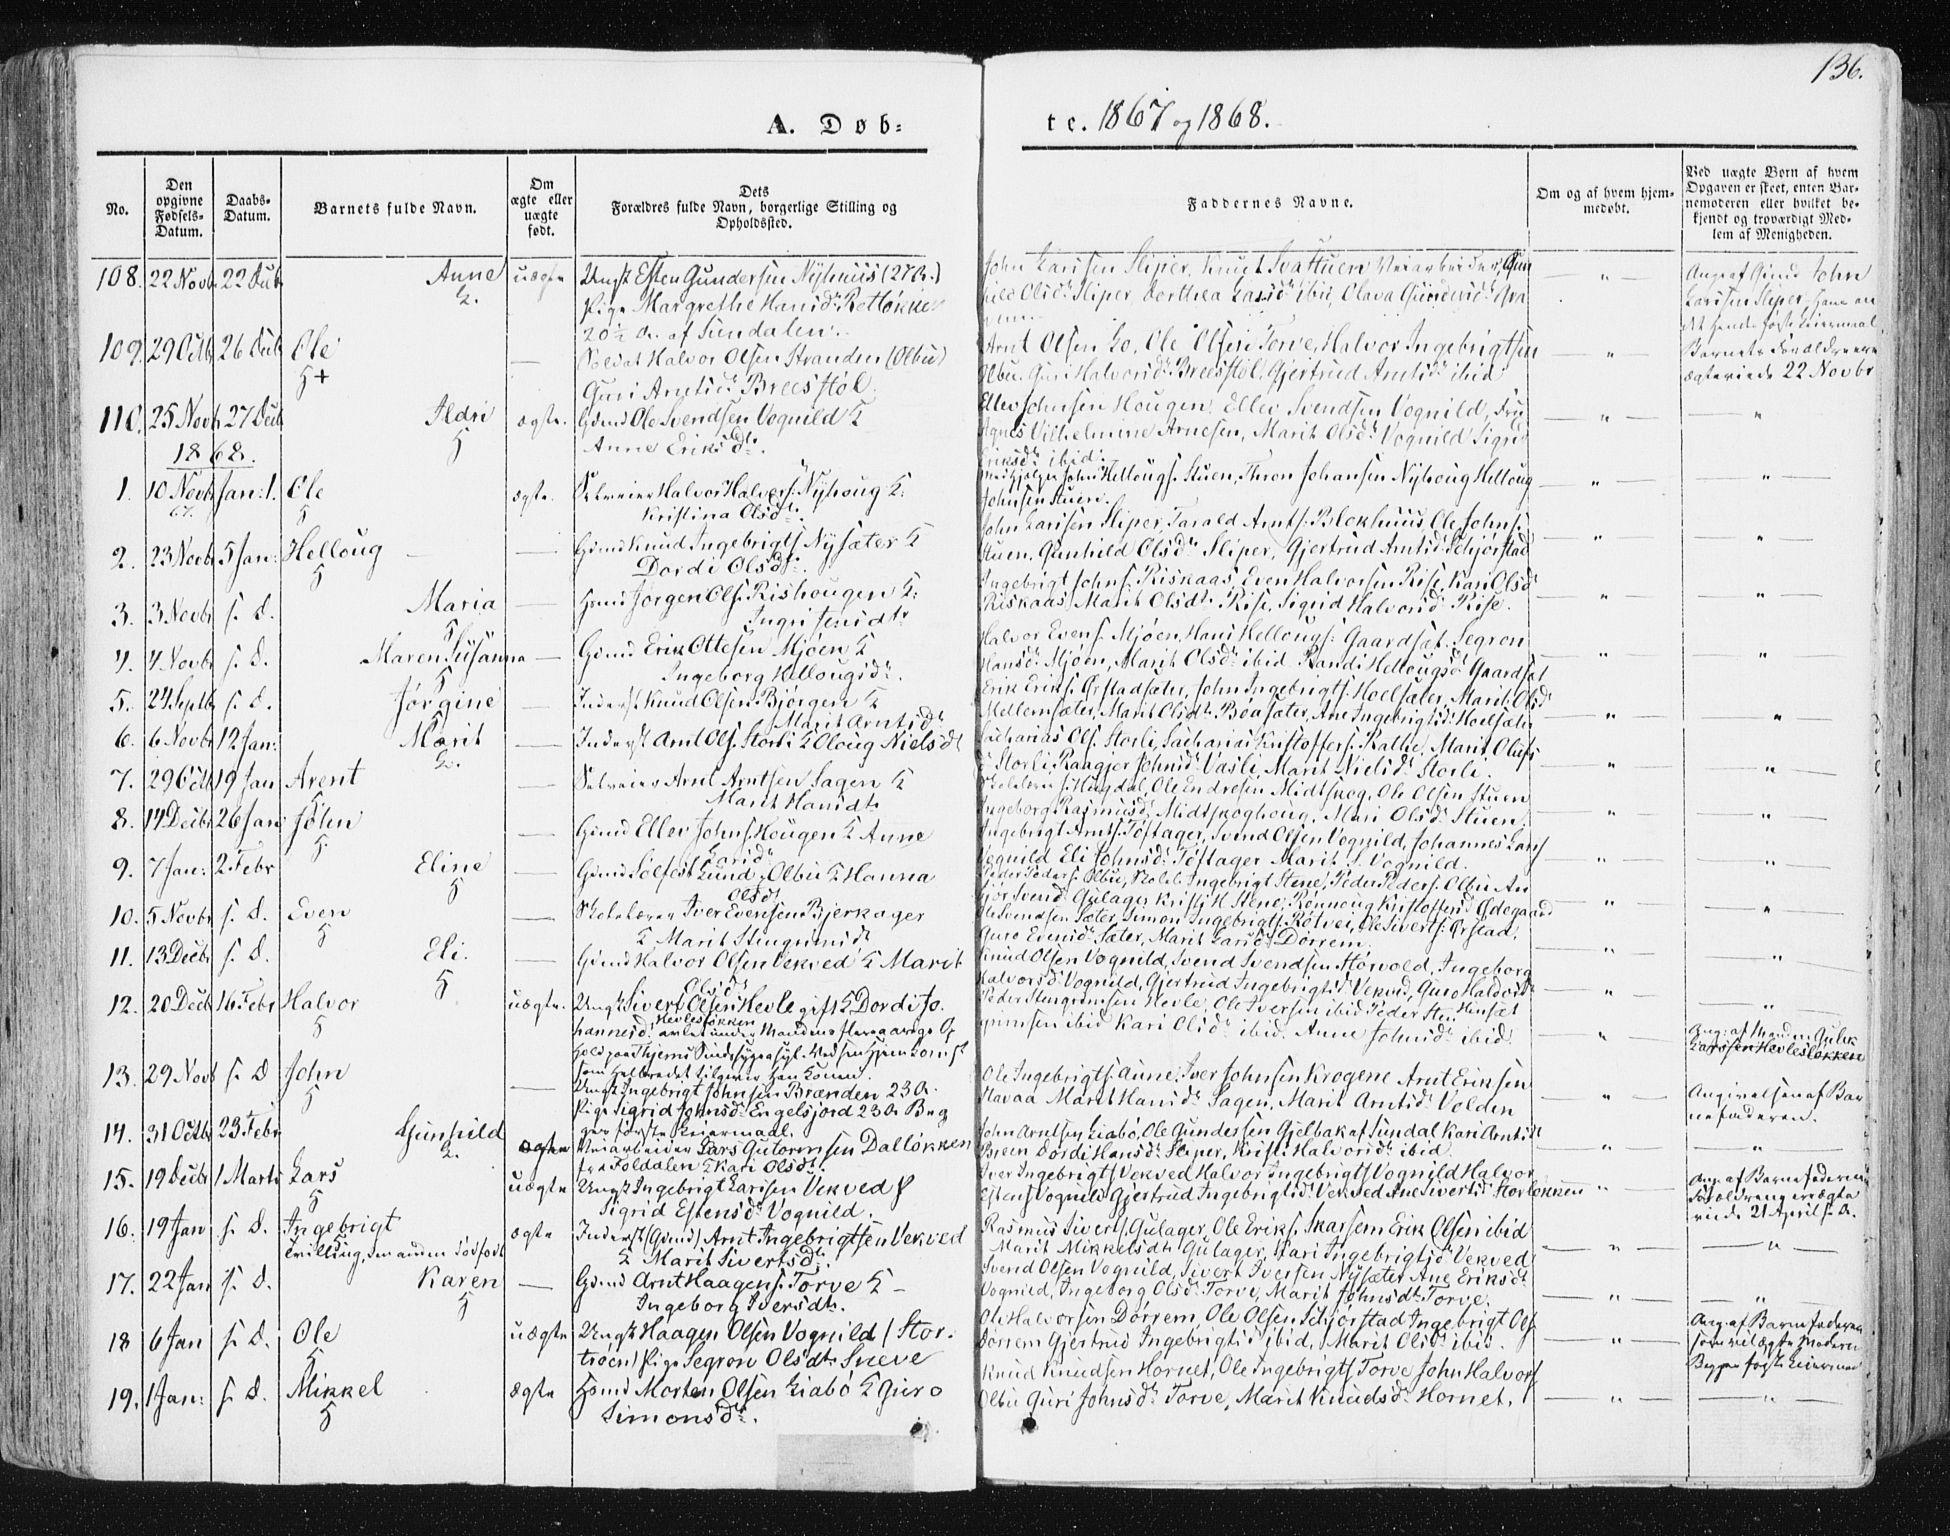 SAT, Ministerialprotokoller, klokkerbøker og fødselsregistre - Sør-Trøndelag, 678/L0899: Ministerialbok nr. 678A08, 1848-1872, s. 136